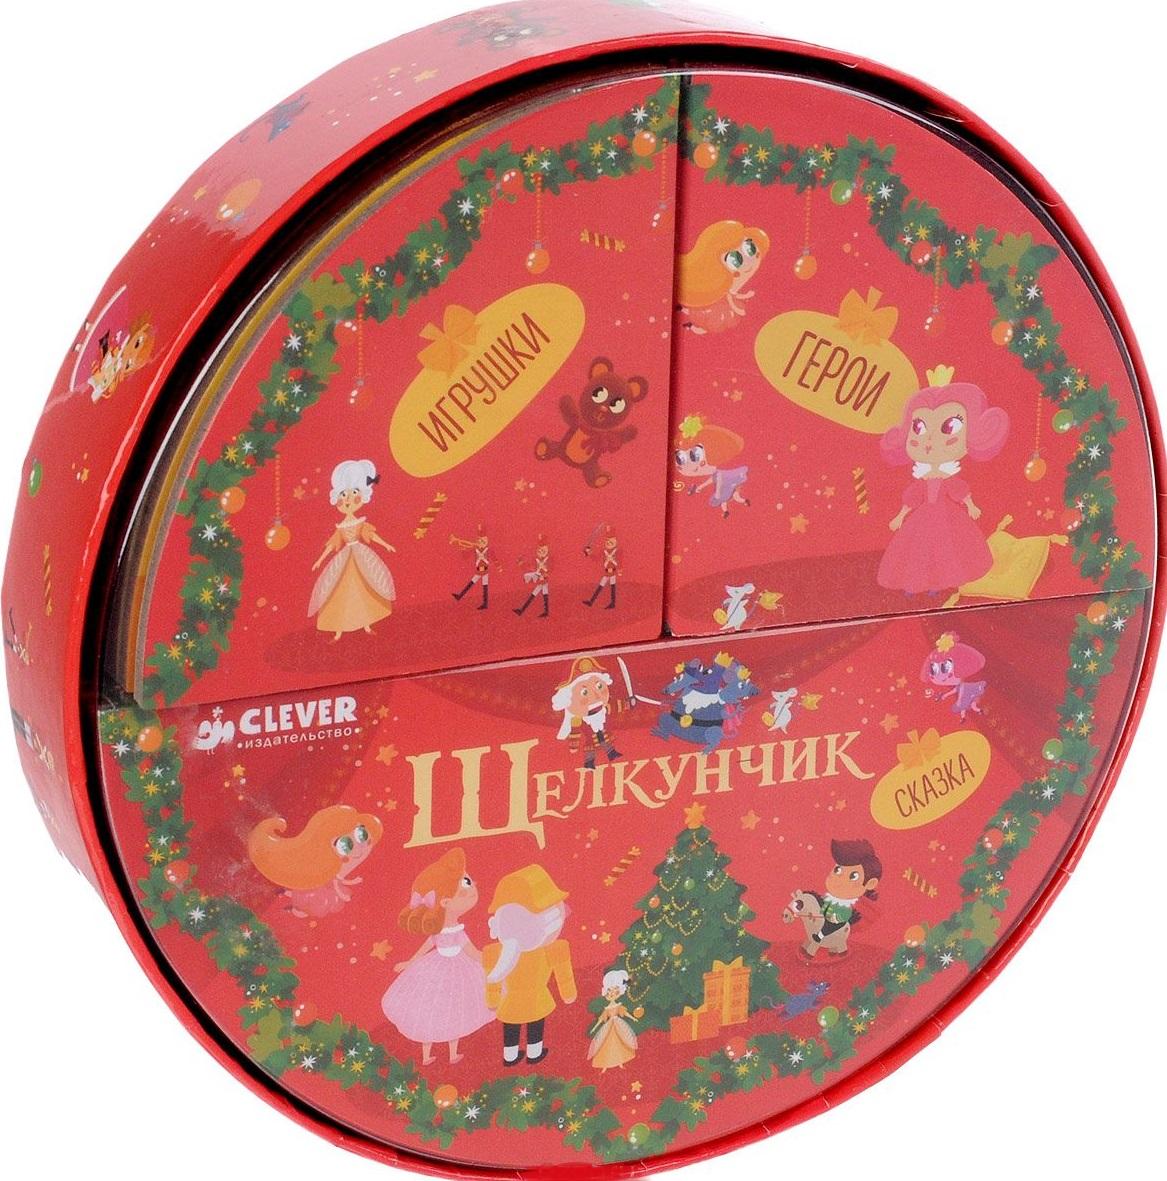 Измайлова Е. (ред.) Щелкунчик: Щелкунчик. Игрушки. Герои (комплект из 3 книг) измайлова е ред большой подарок на новый год для детей 3 5 лет комплект из 3 книг в коробке